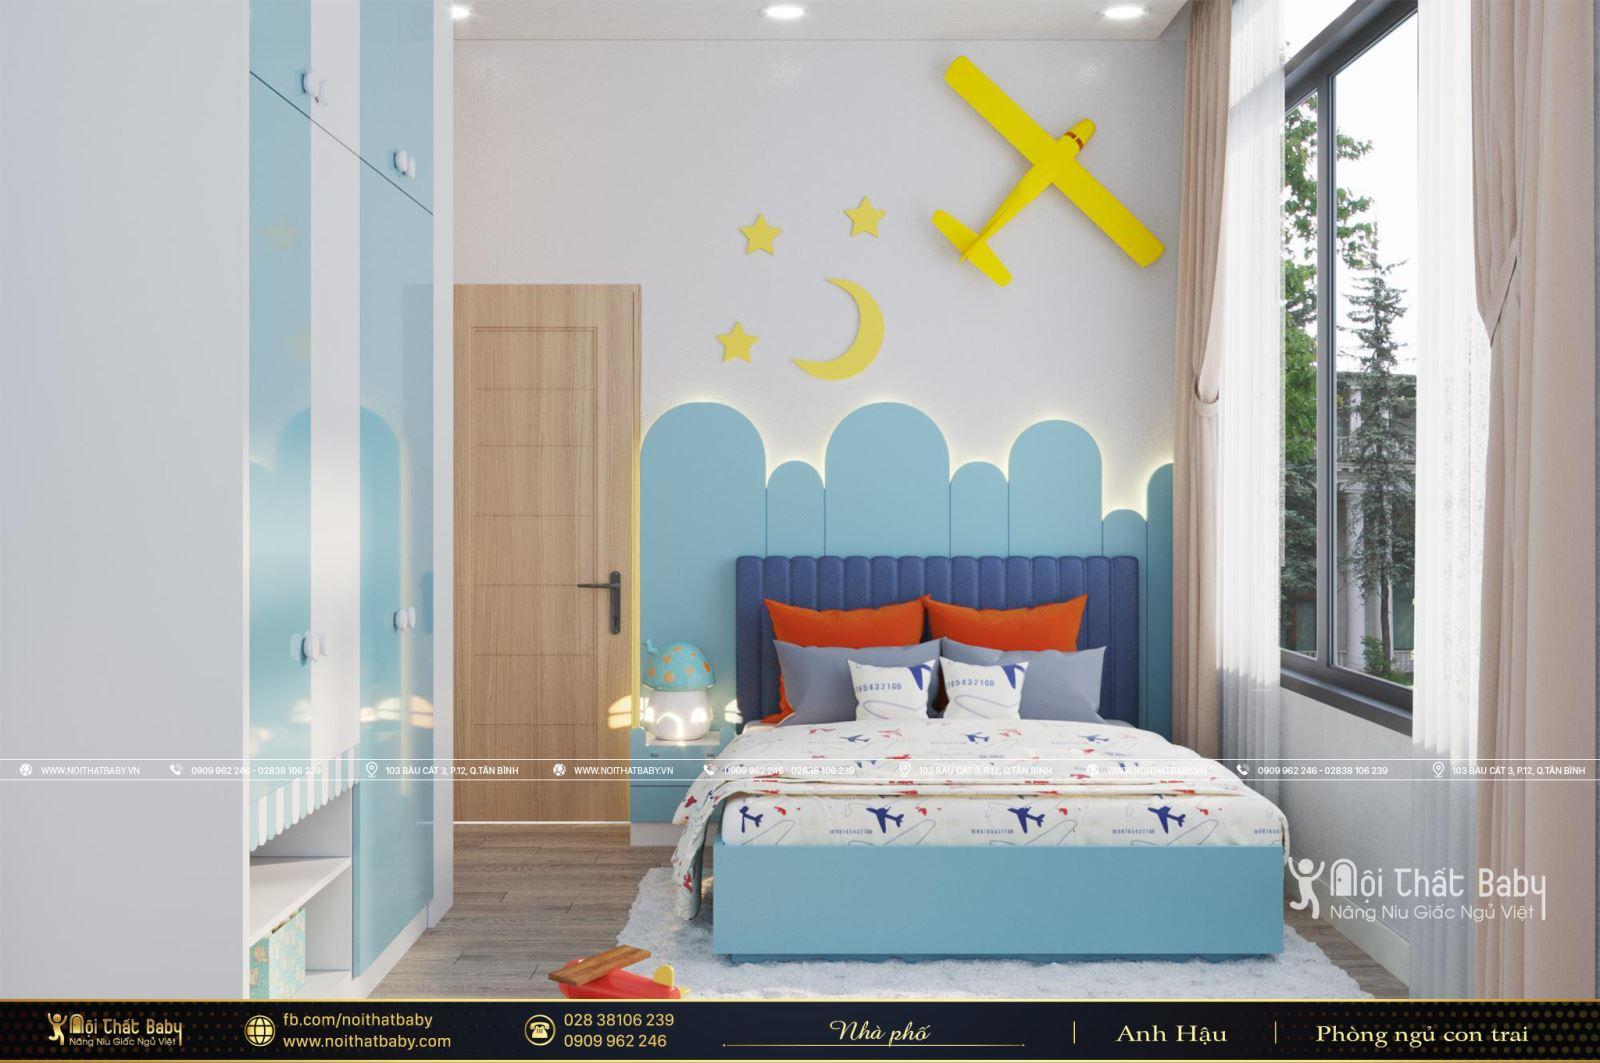 Phòng ngủ bé trai hiện đại tại Hòa Thành - Tây Ninh